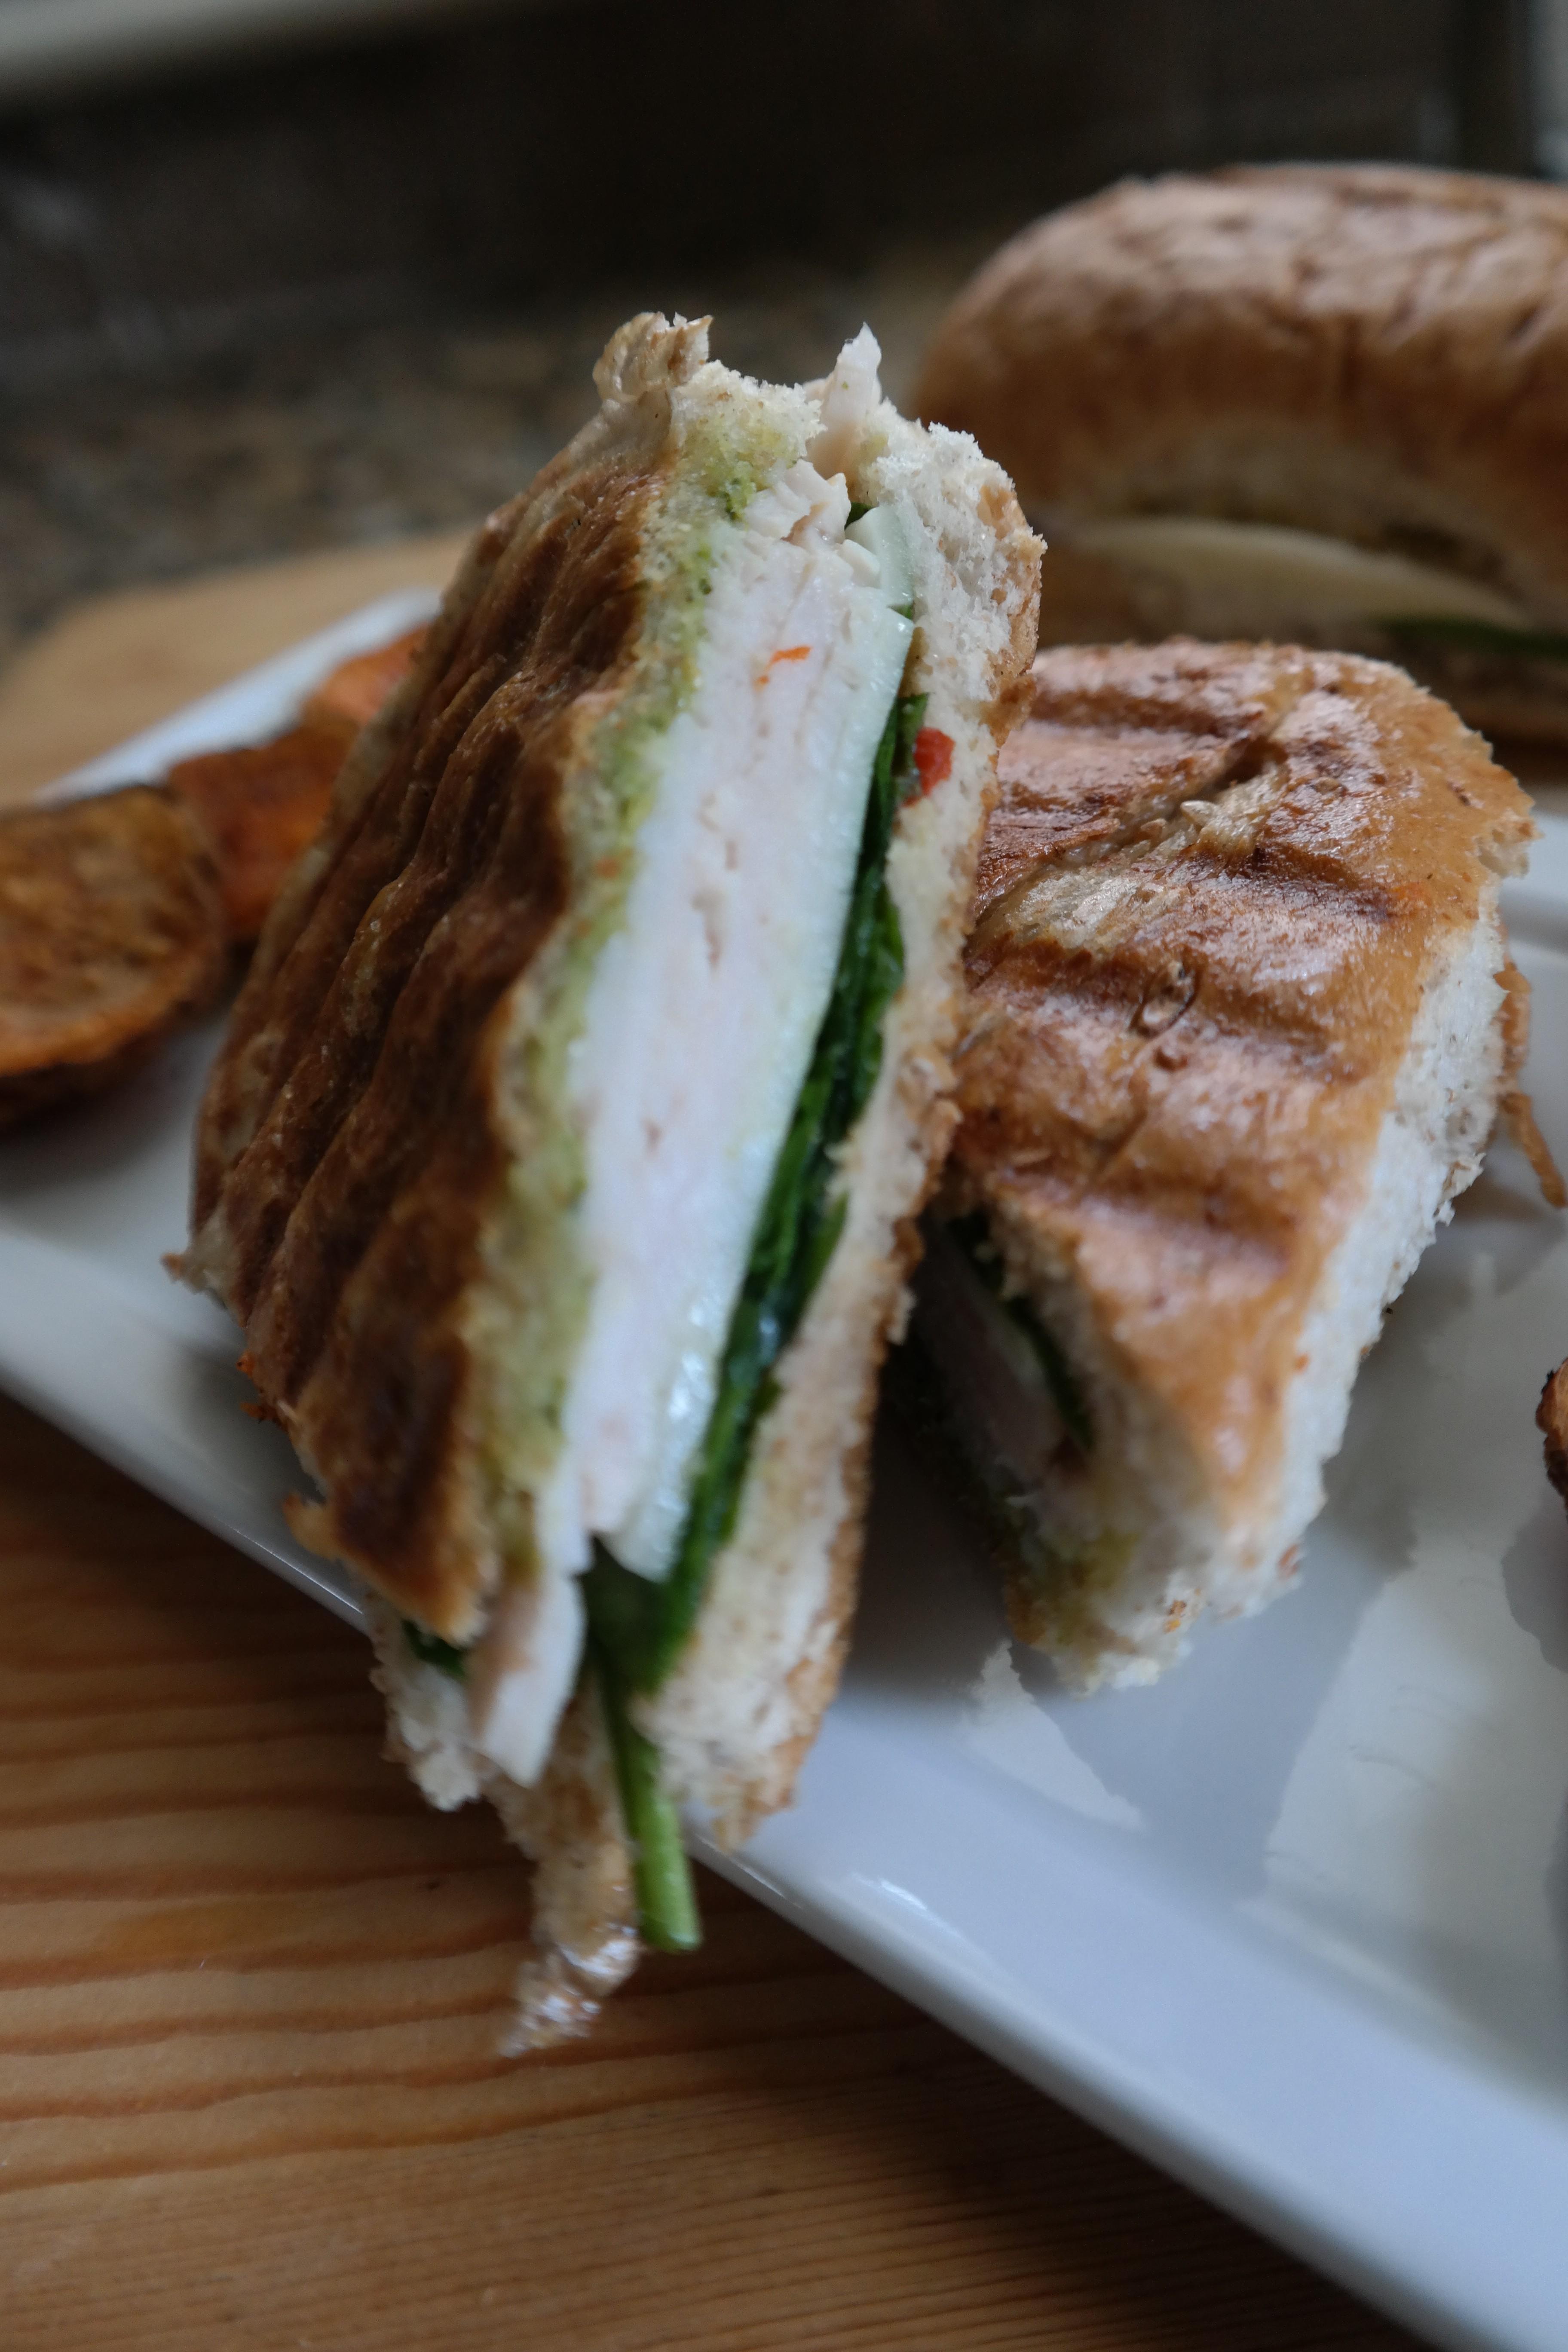 Neapolitan Sandwiches